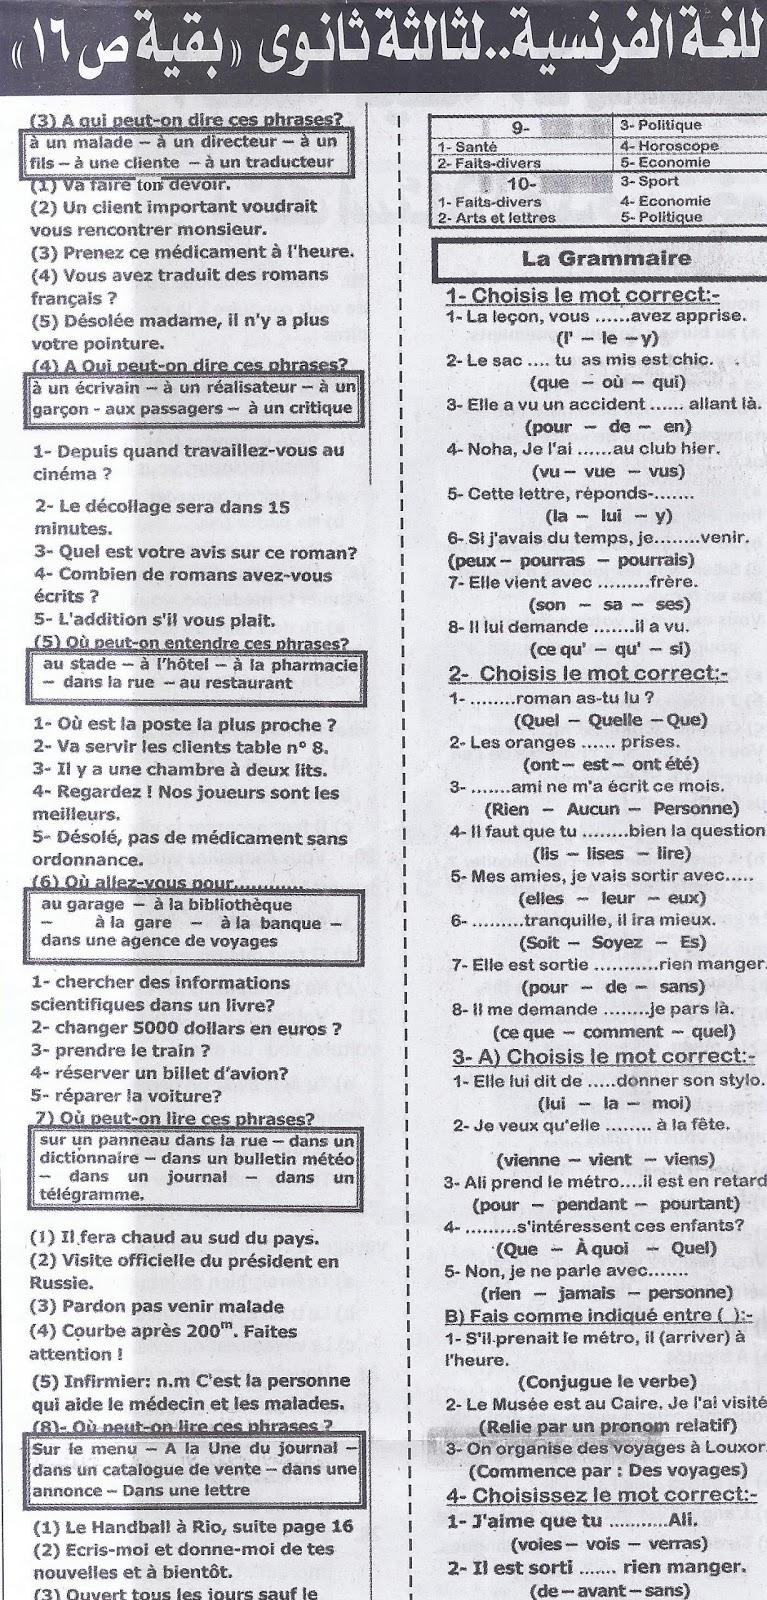 المراجعة النهائية ونماذج البوكليت والاسئلة المتوقعة لامتحان مادة اللغة الفرنسية للثانوية العامة للعام 2017 / 2018 بالاجابات النموذجية هنــا